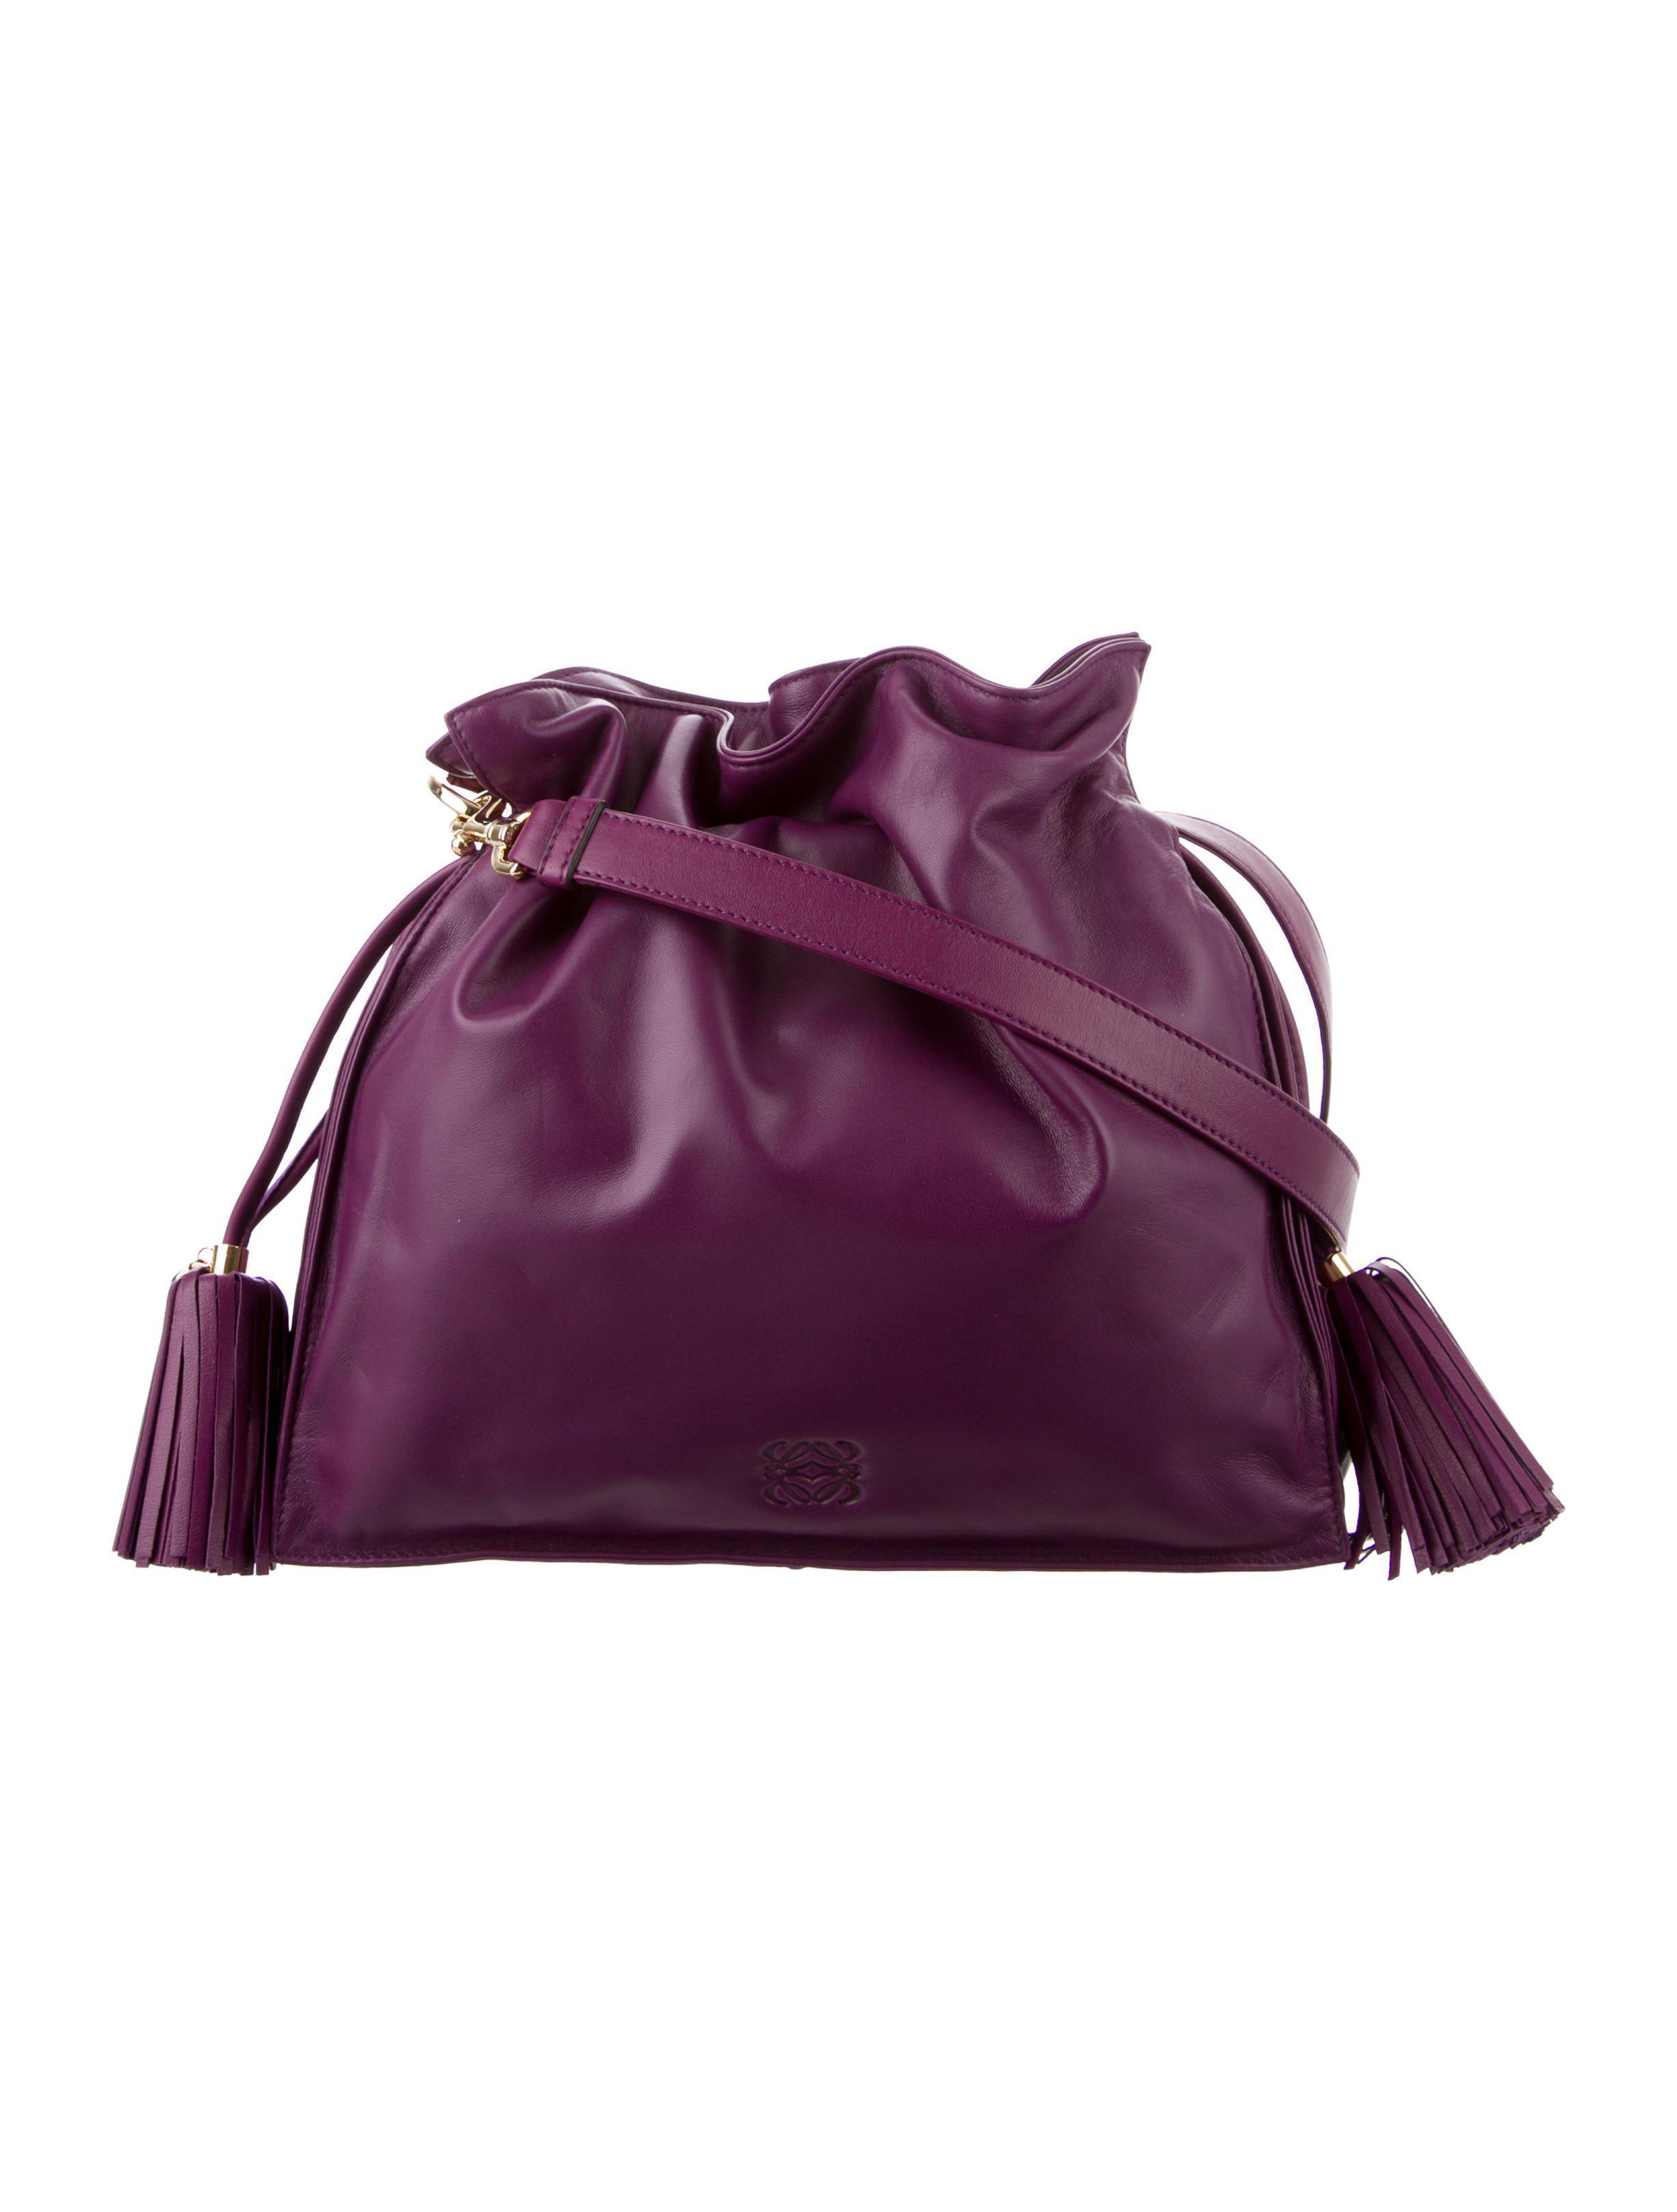 7ae7c04c7314 Loewe - Metallic Flamenco Shoulder Bag Purple - Lyst. View fullscreen